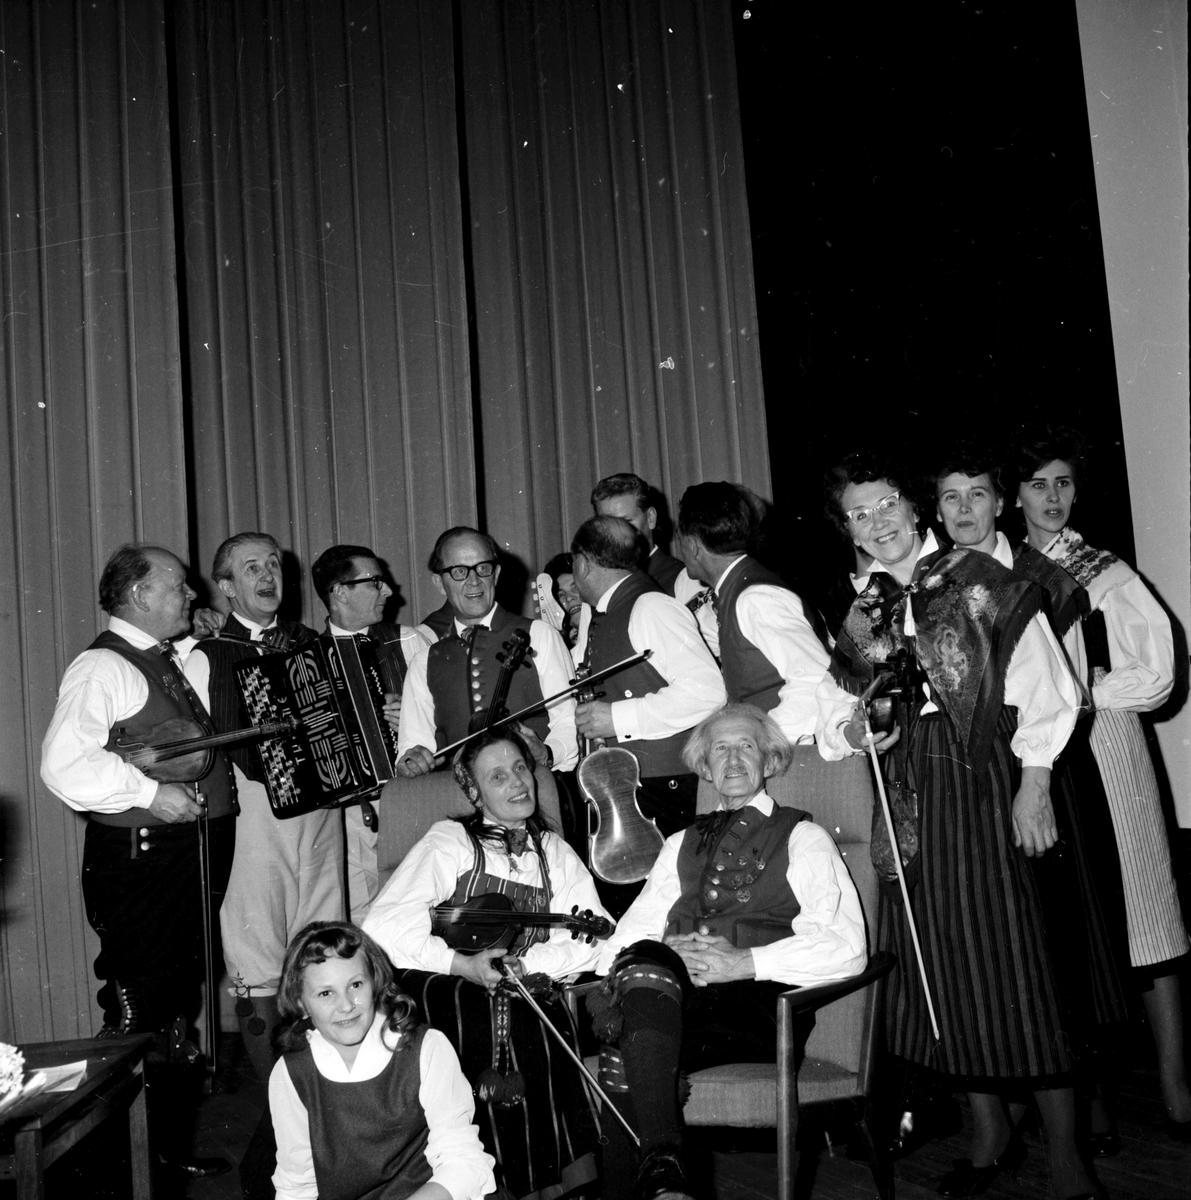 Öst-galan, Folkets hus, 20 December 1962